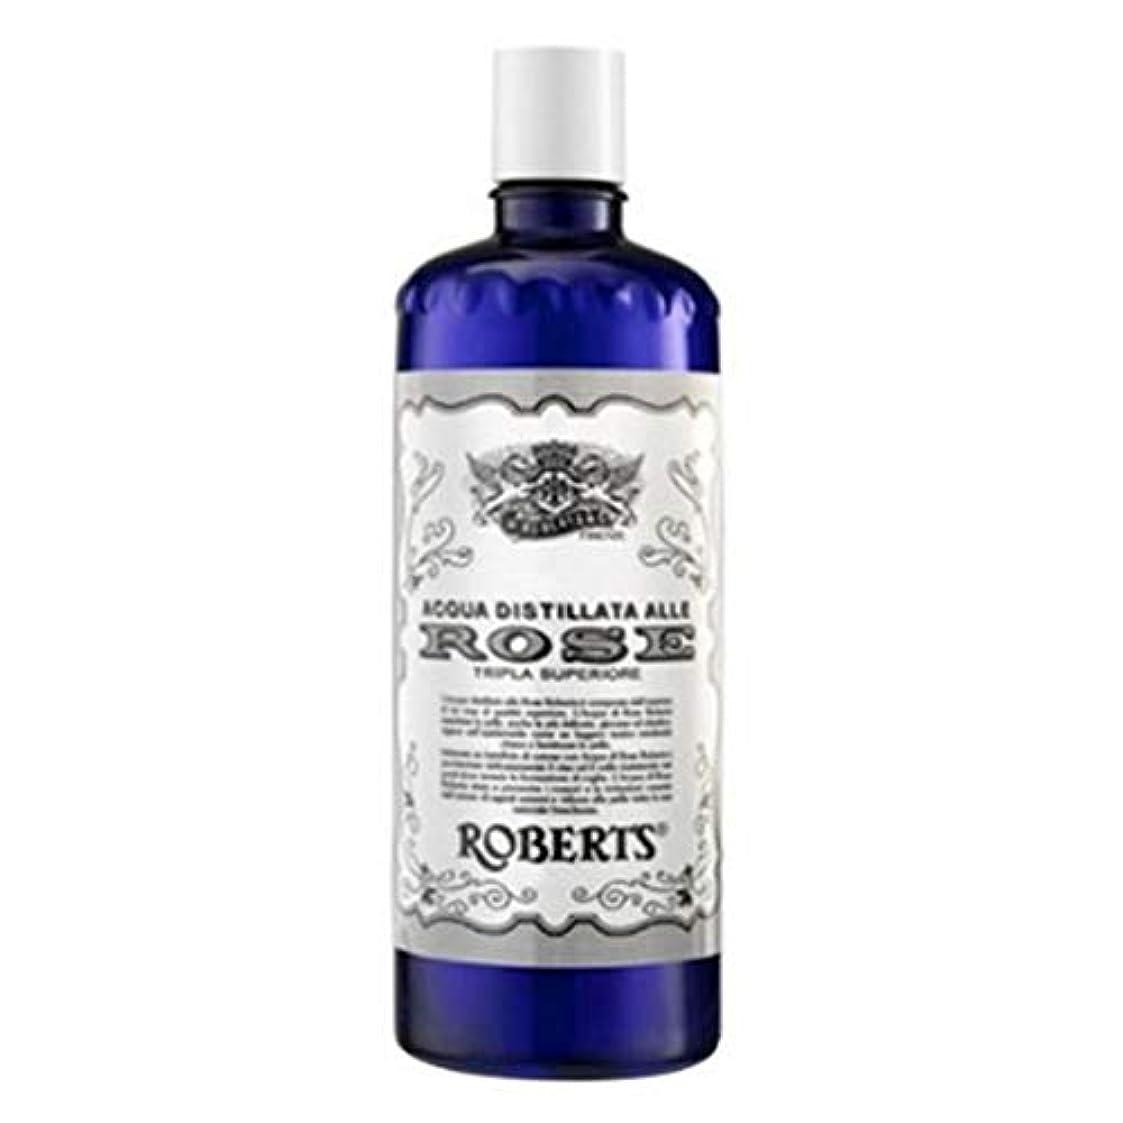 品種好きである市長ROBERTS ROSE WATER TONER バラ花水スキントナー300ml[並行輸入品]